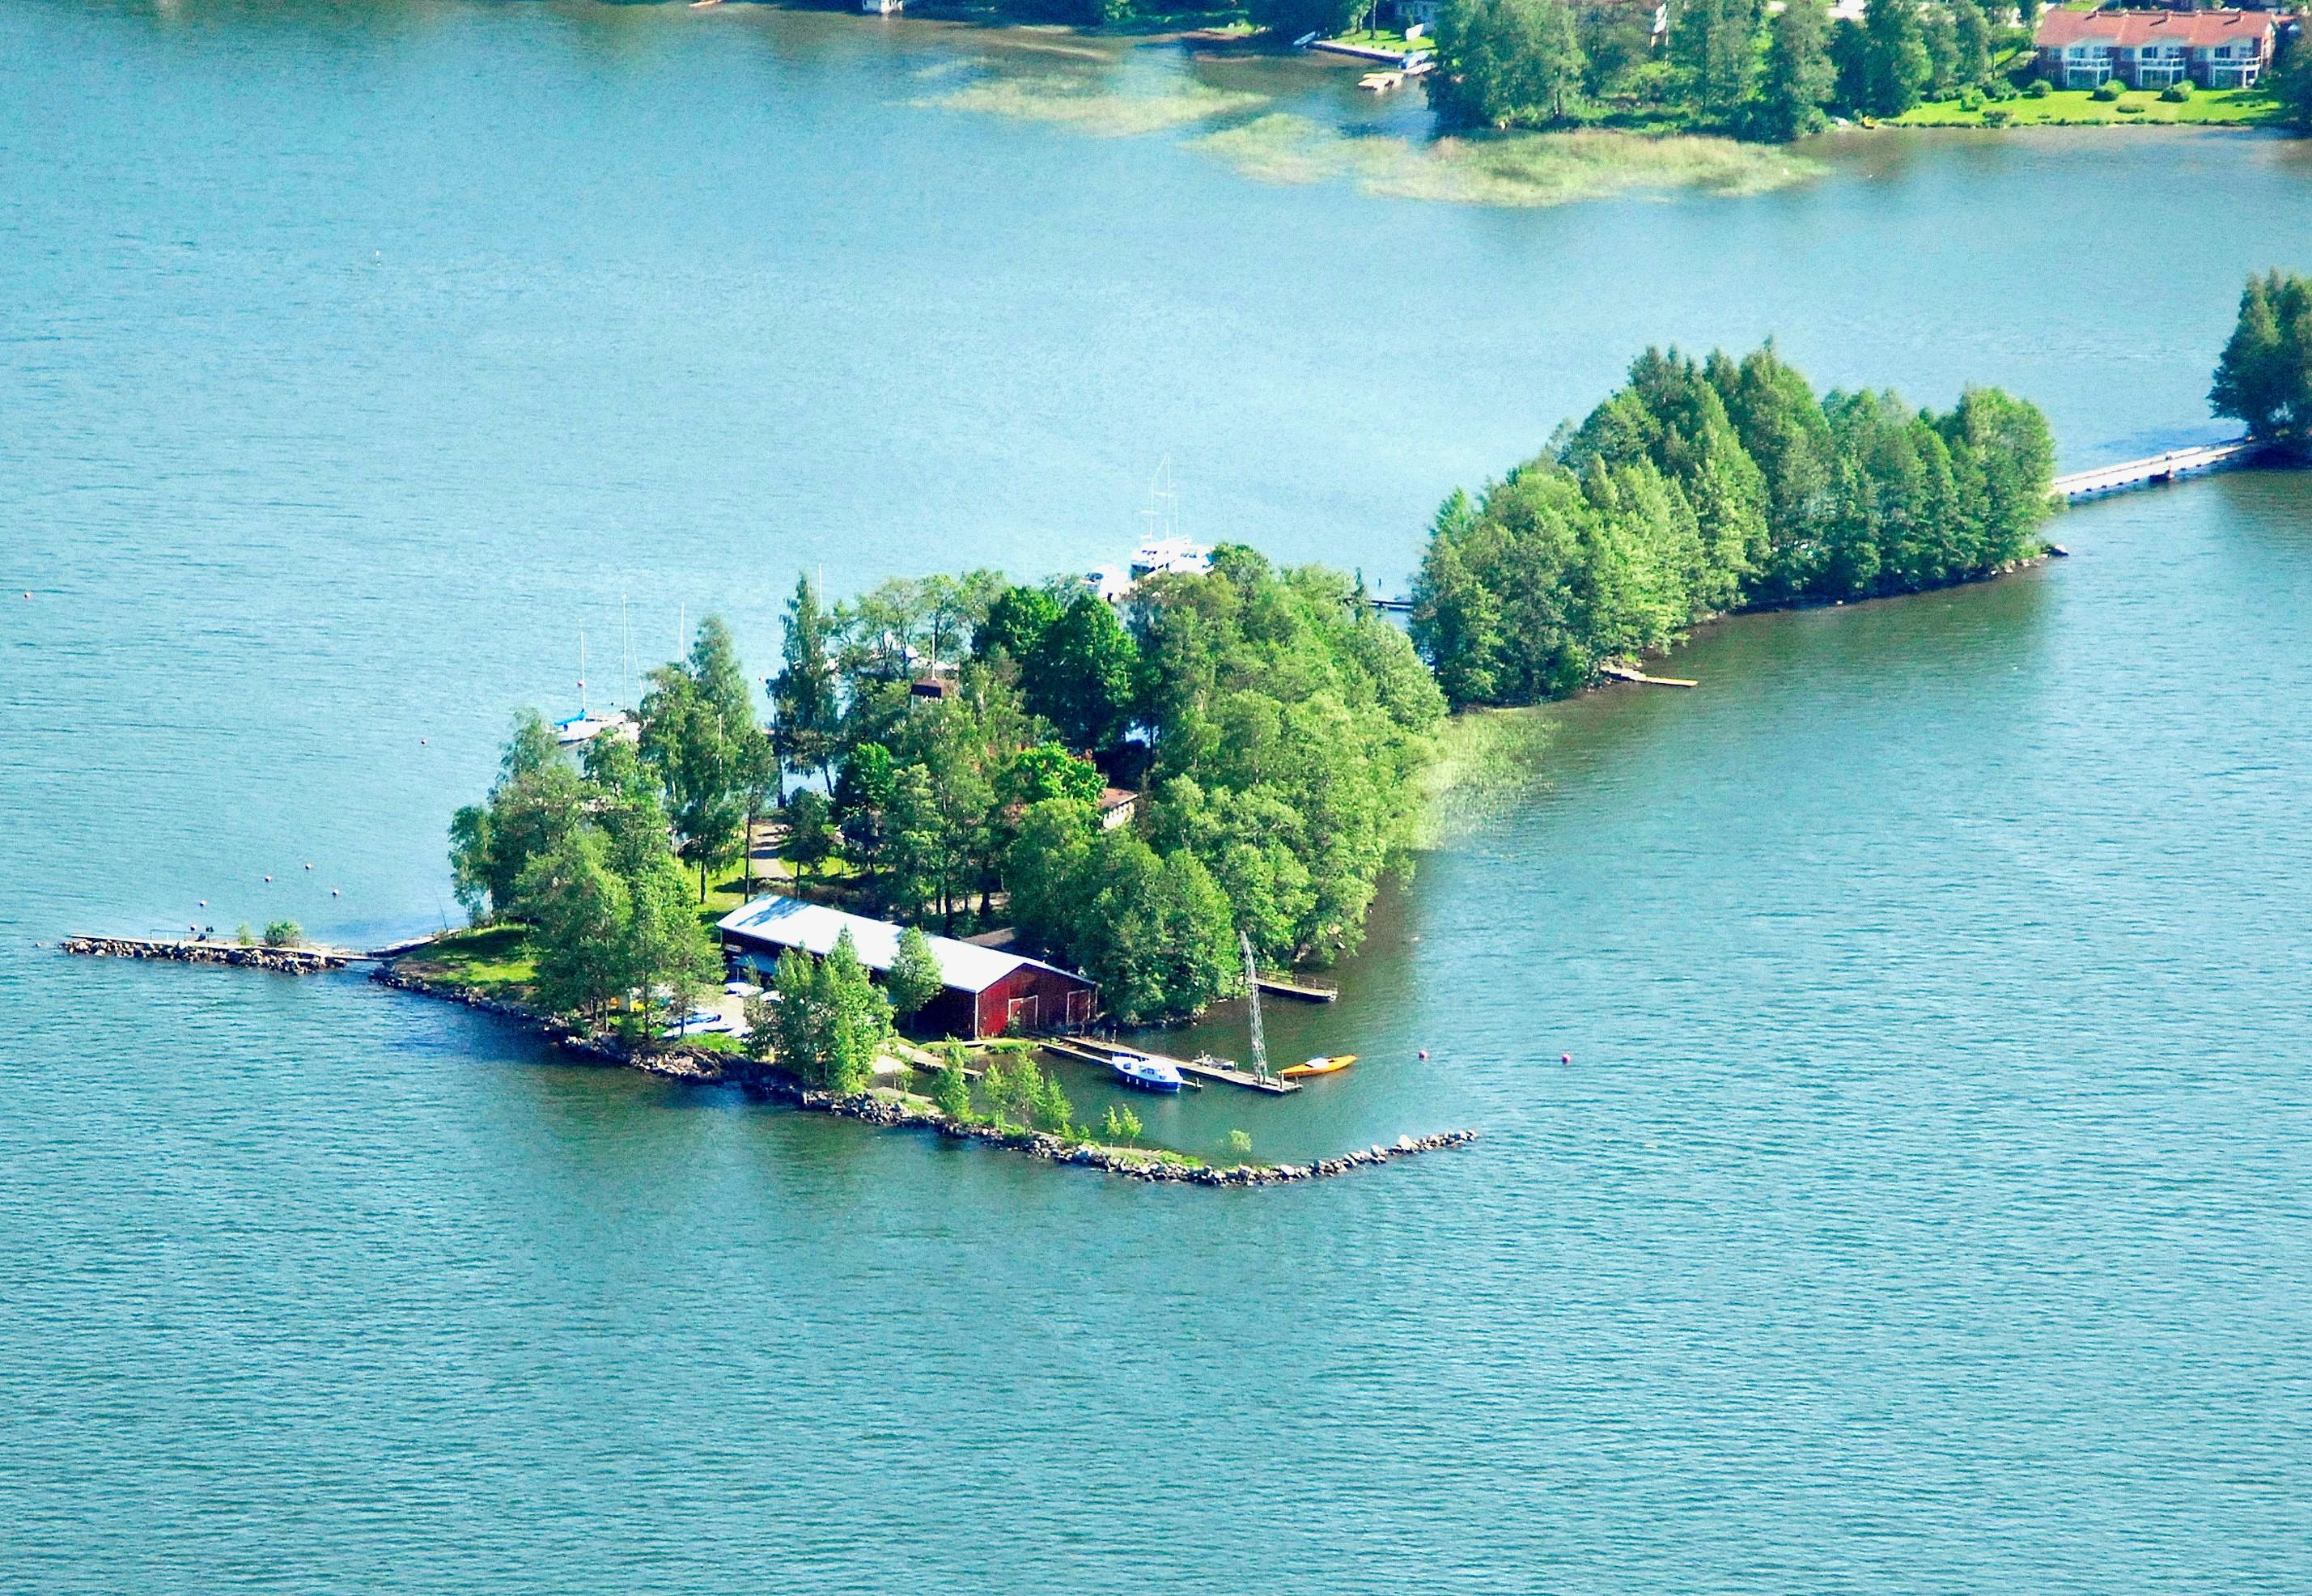 Myllysaari Island